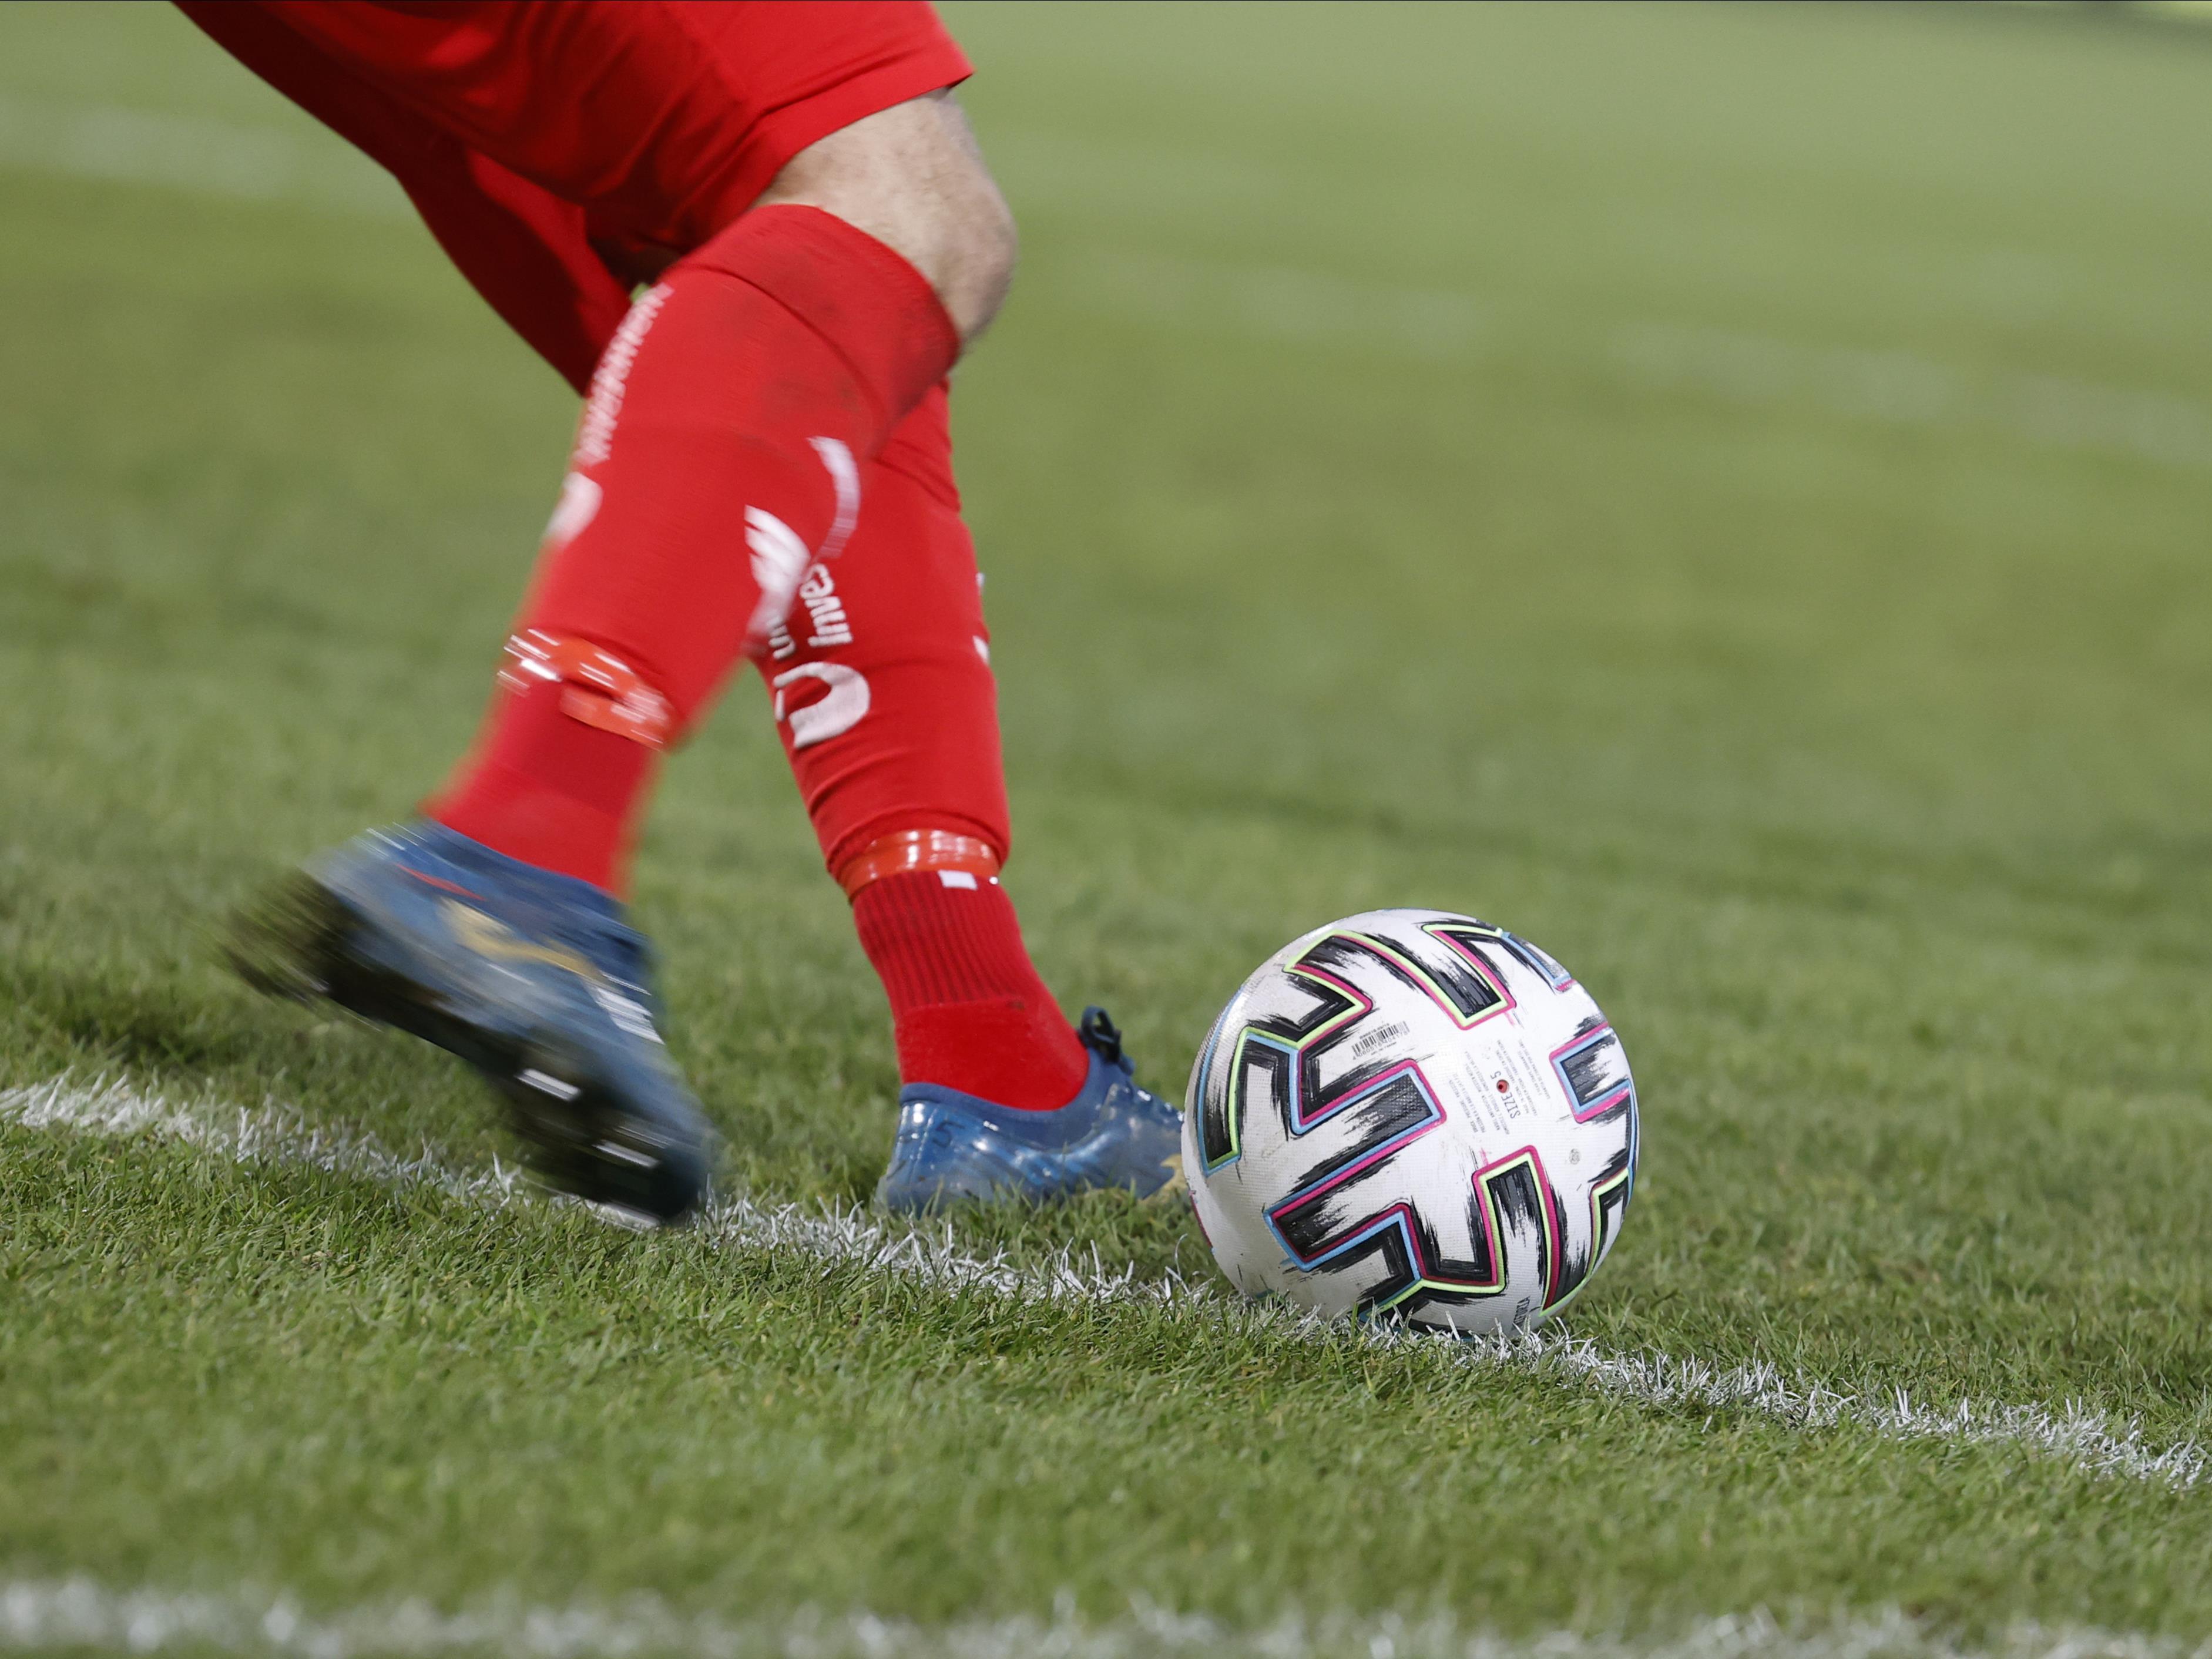 Die Fußball-Bundesliga Spieler kehren nach einer kurzen Pause wieder ins Training zurück.